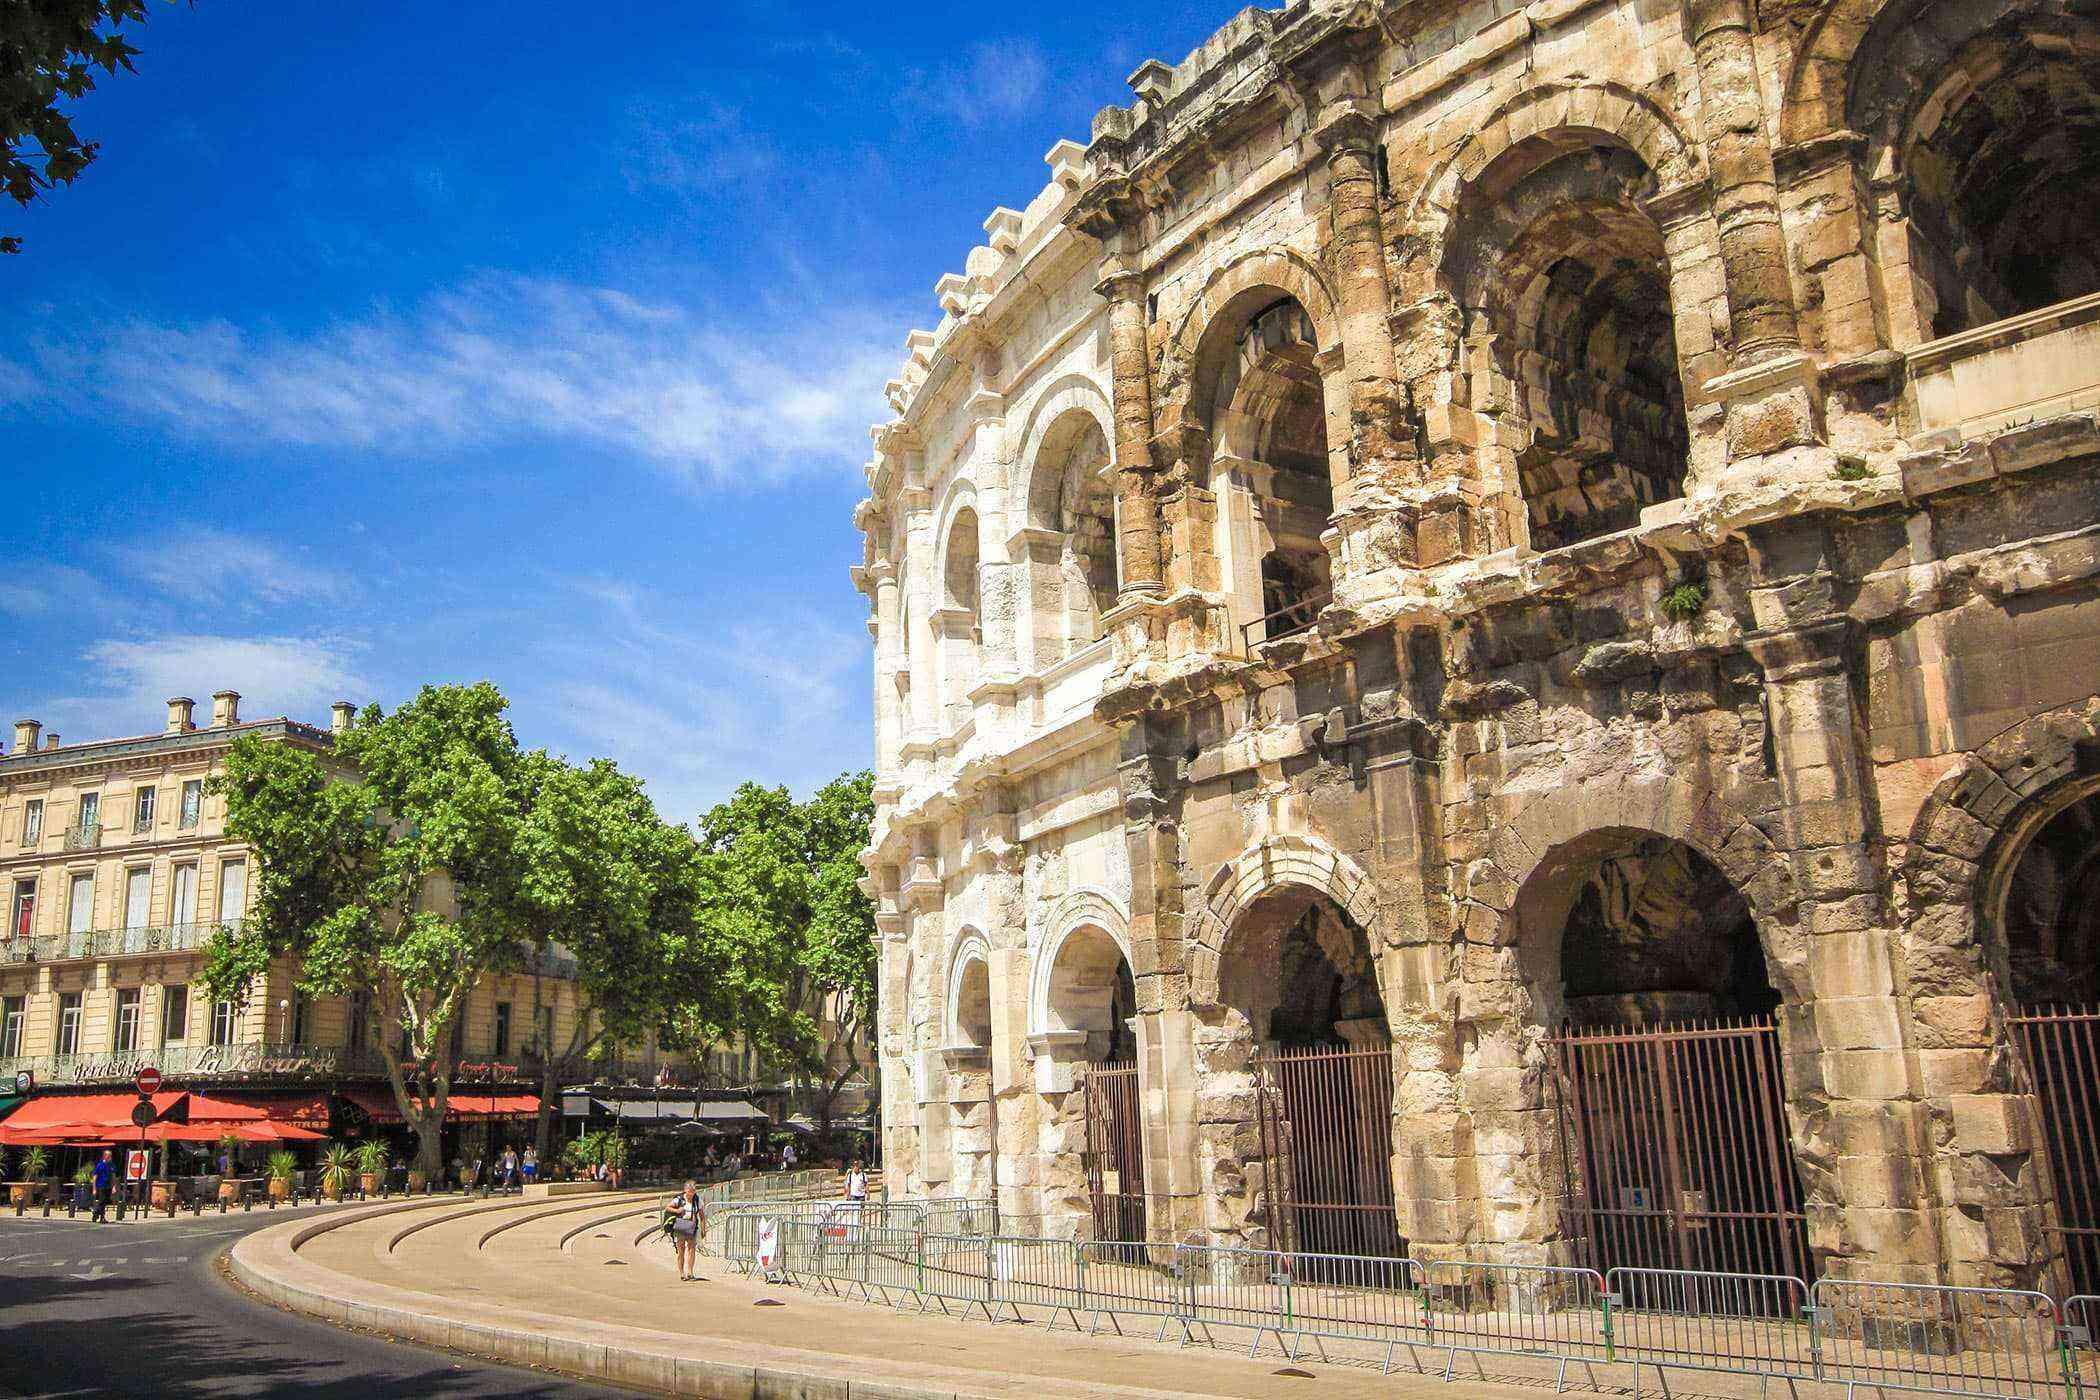 Roman-Ruins-Nimes-Amphitheater